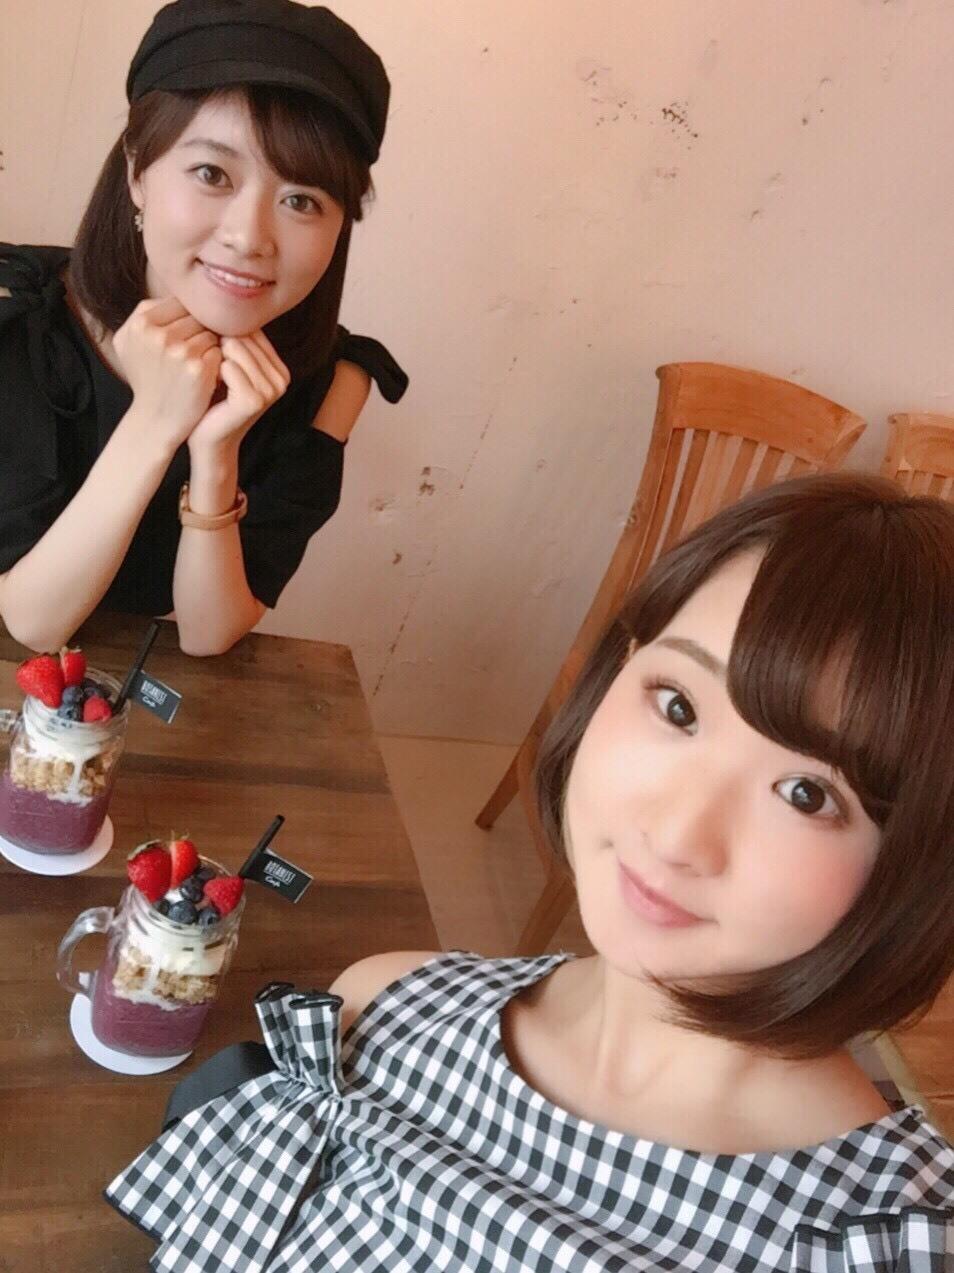 【 第55回❤︎ 】表参道 原宿カフェ&フォトスポット巡り!with菜美子ちゃん*_1_11